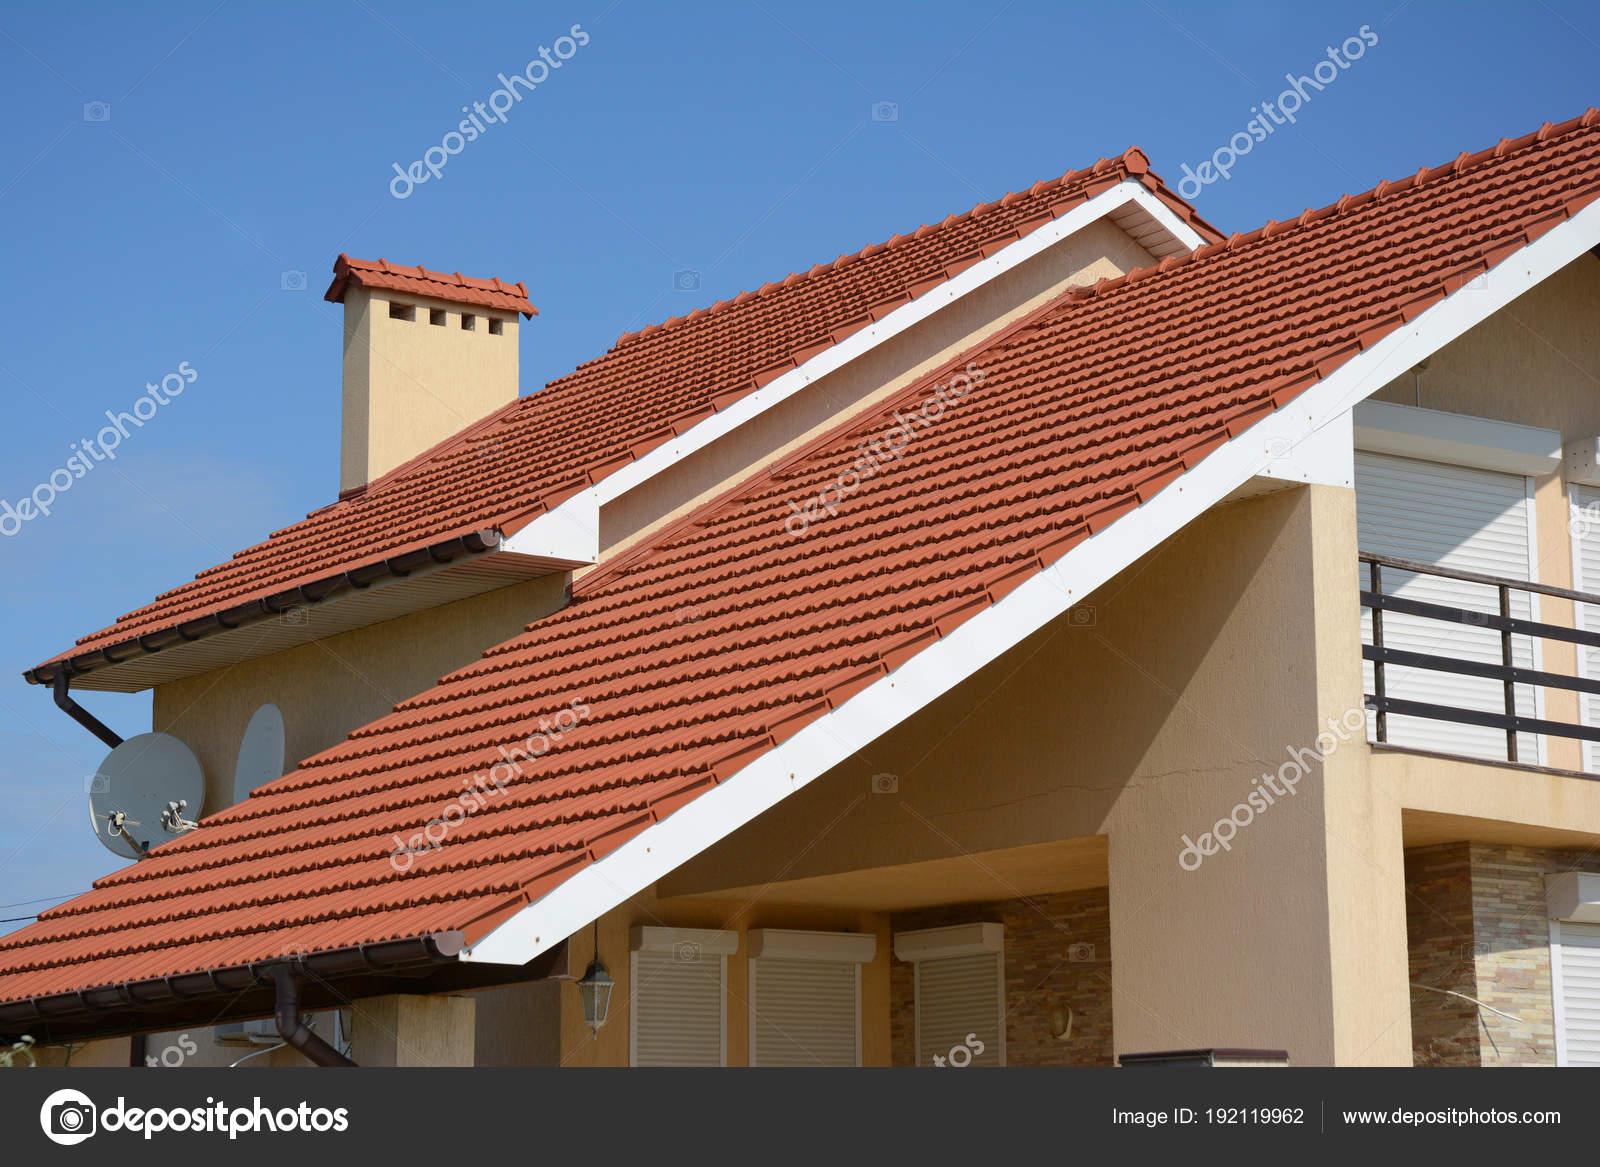 Casa con arcilla azulejo de azotea, canaleta, tipo chimenea, aguilón ...